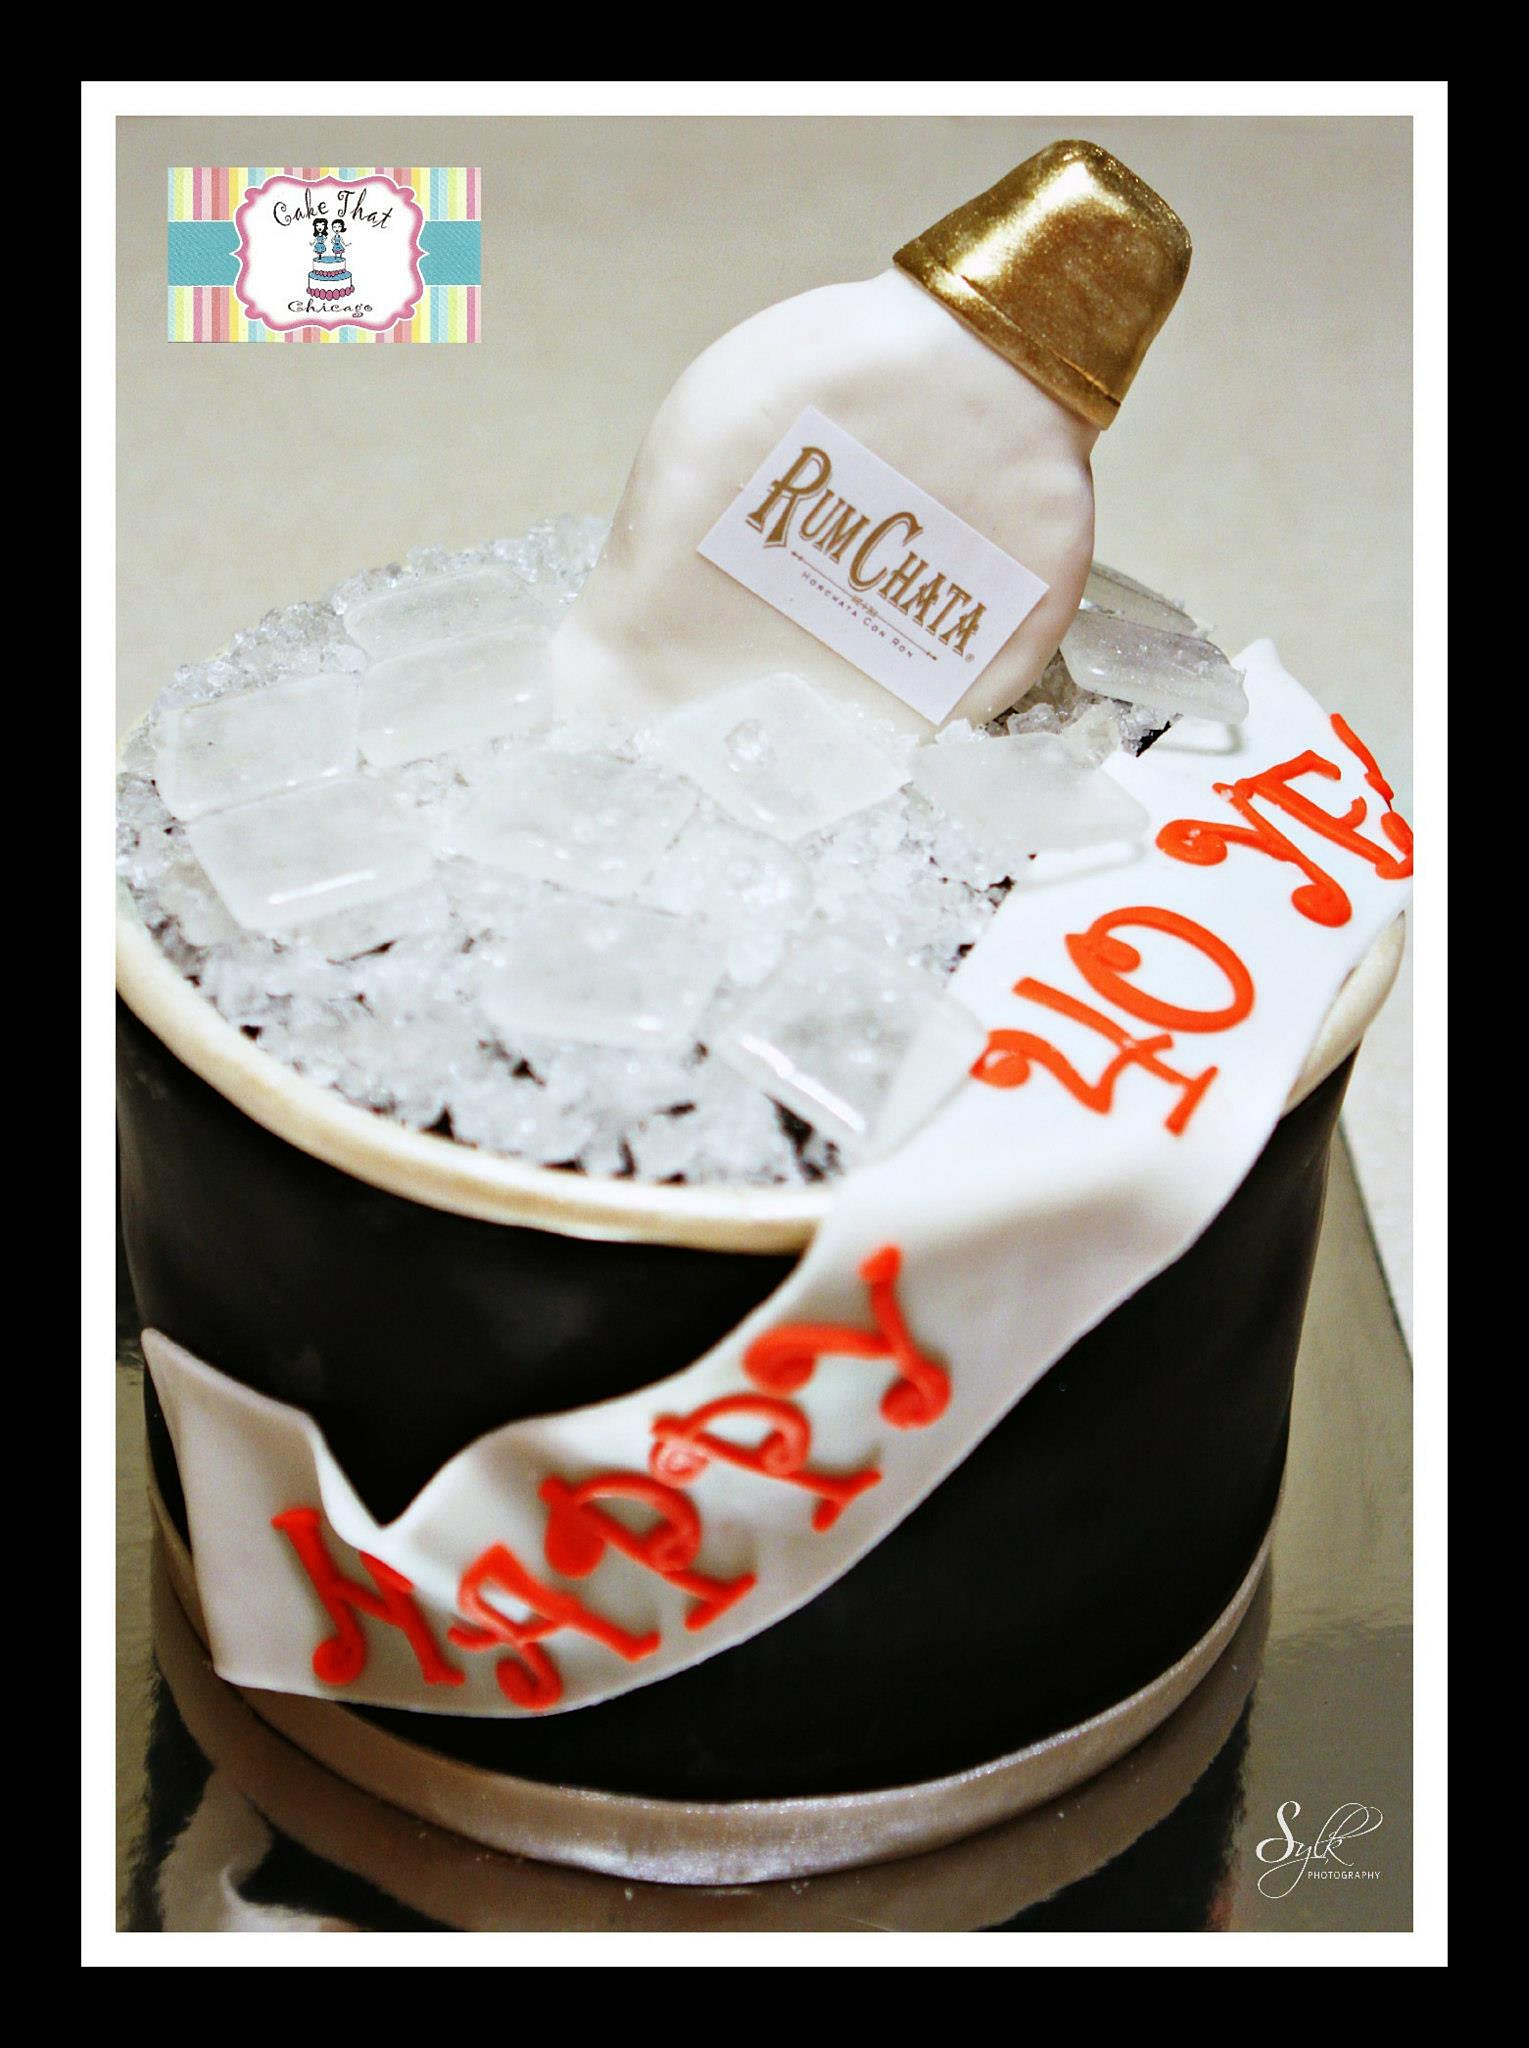 Rumchata Birthday Cake